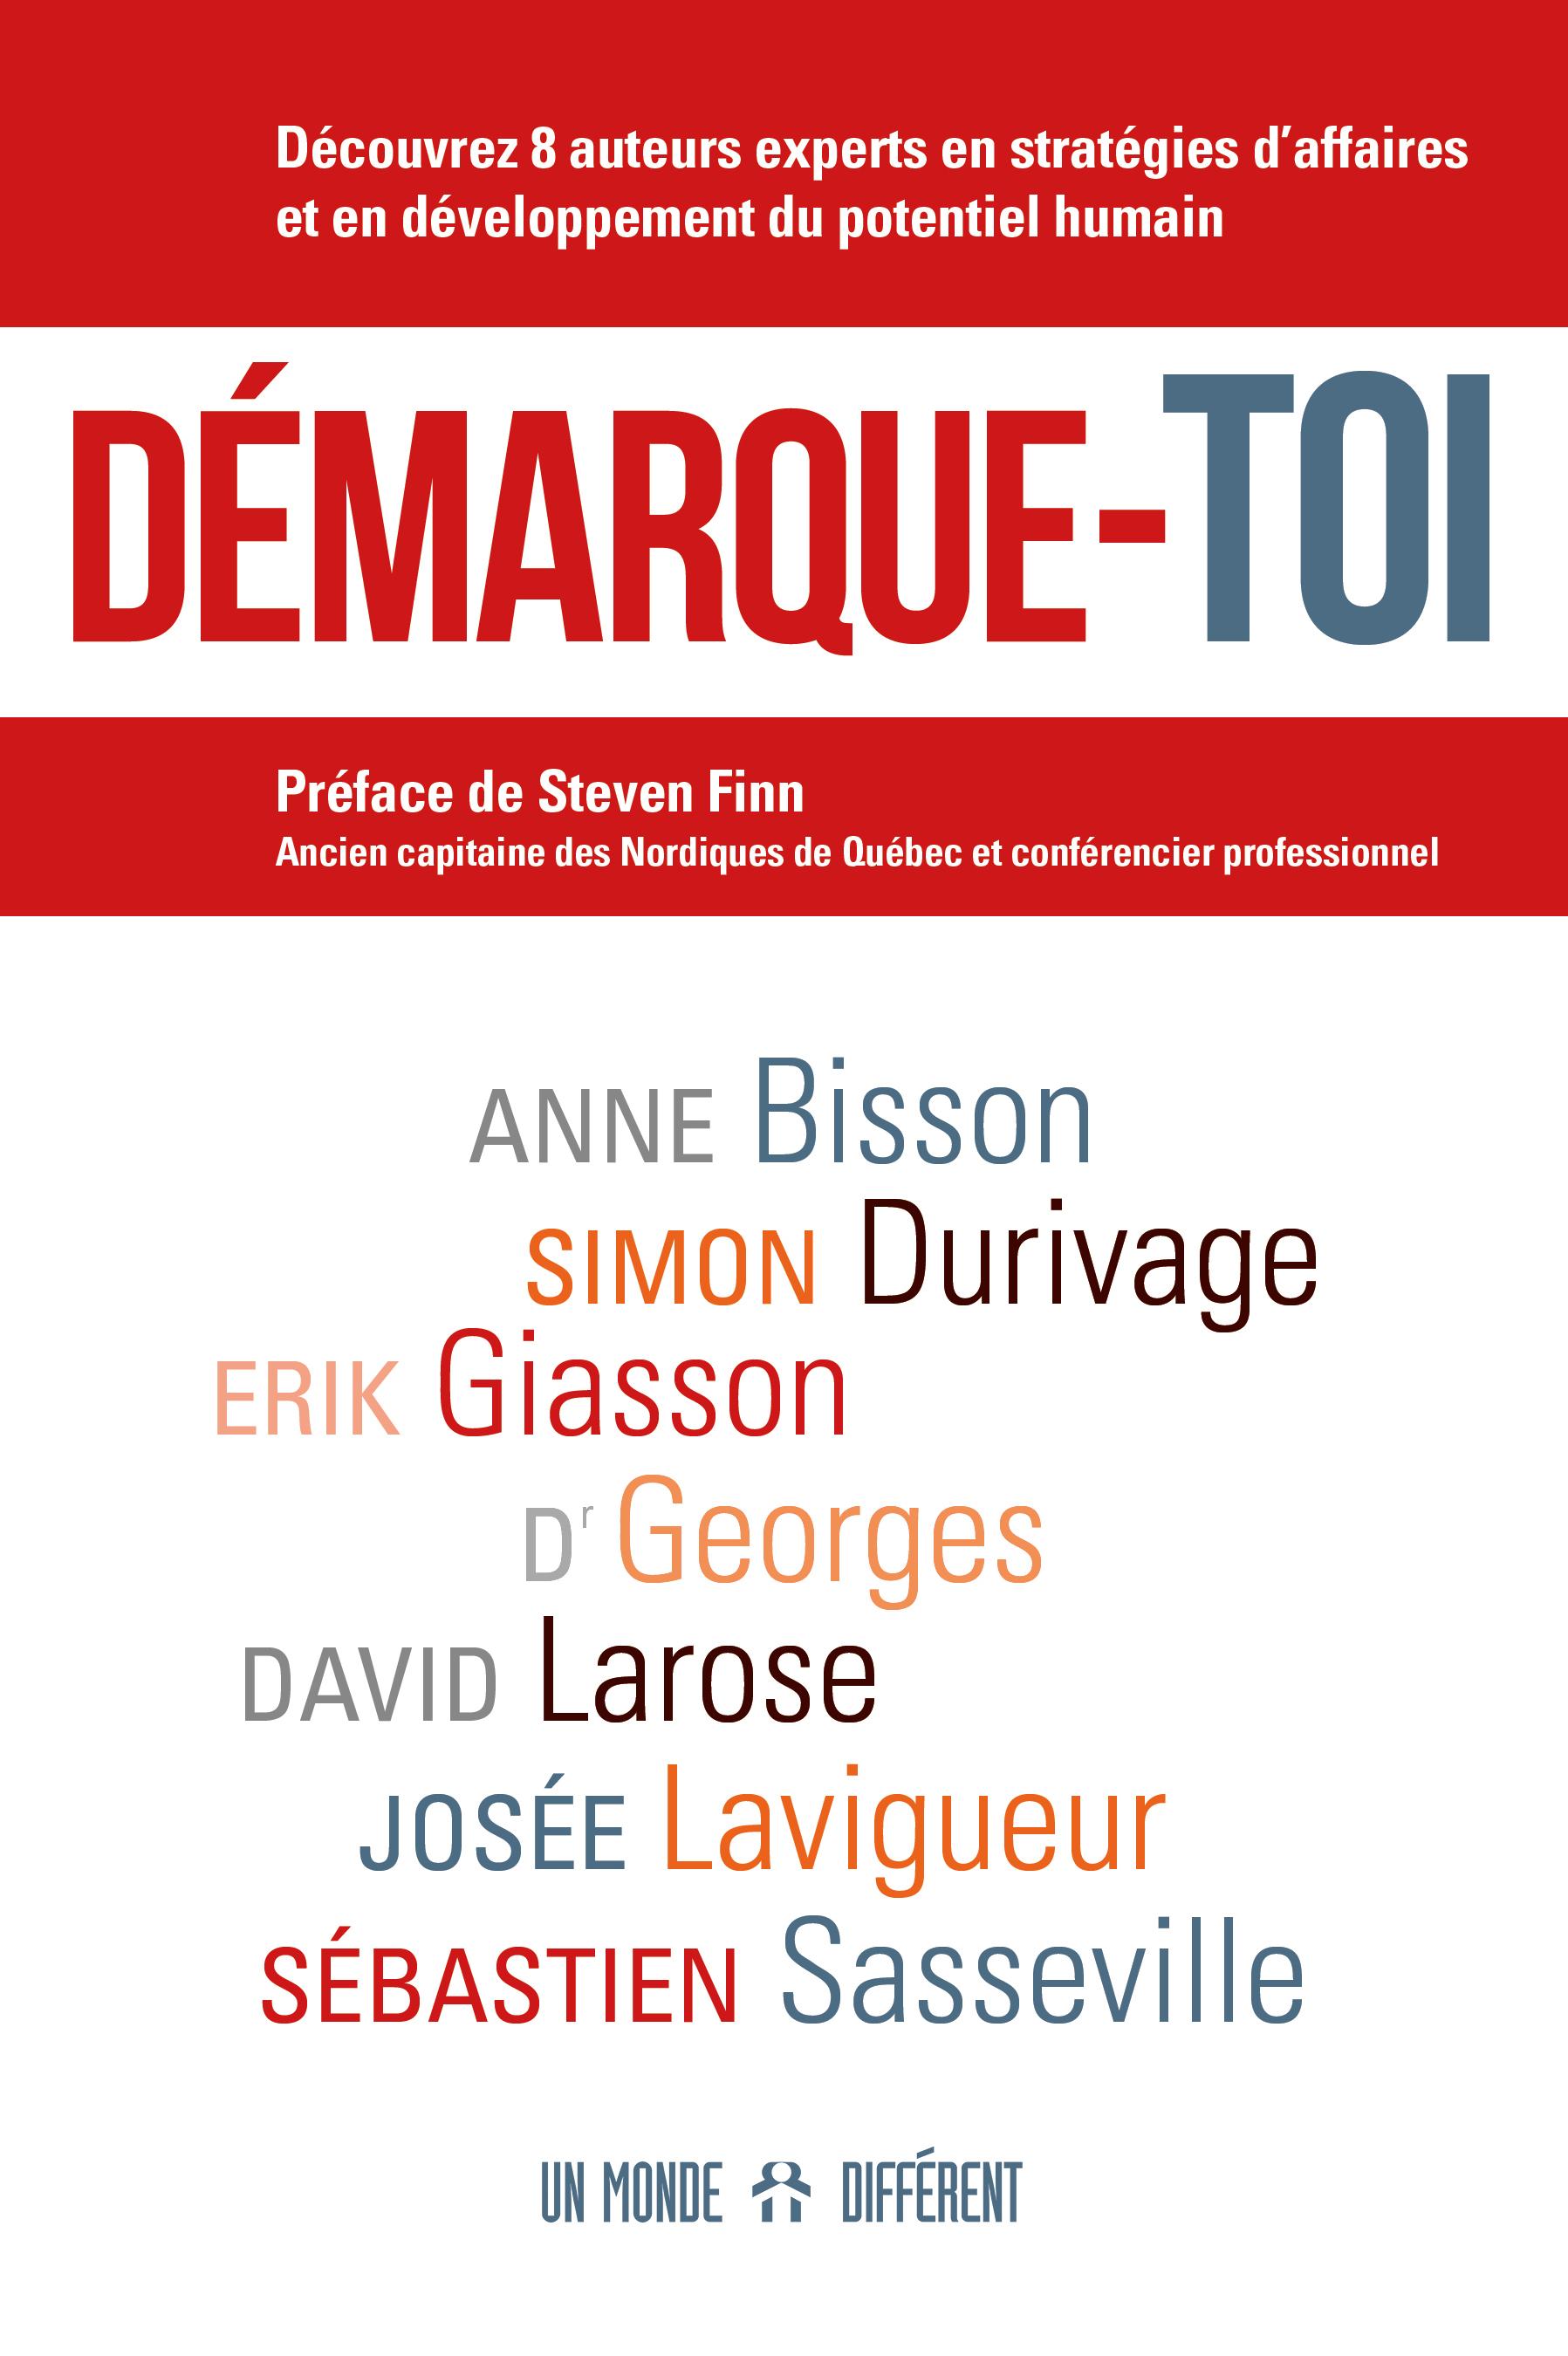 DÉMARQUE-TOI